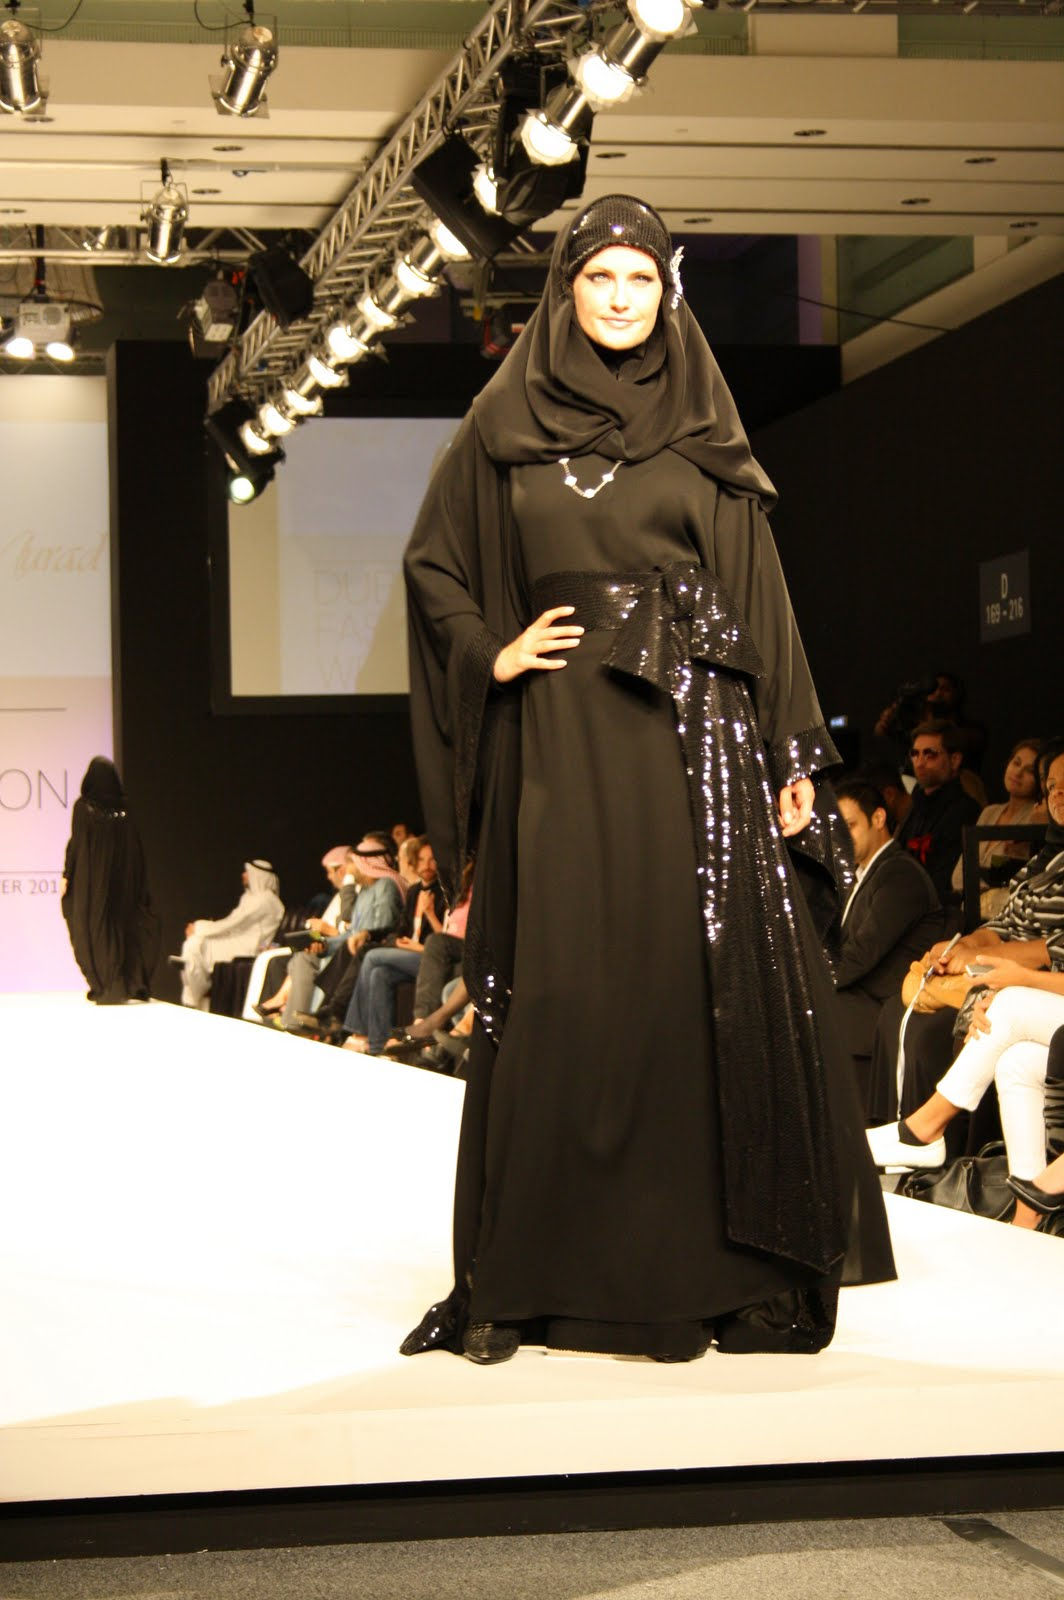 Abaya dubai fashion week in diffrnt style (4) Abaya 42